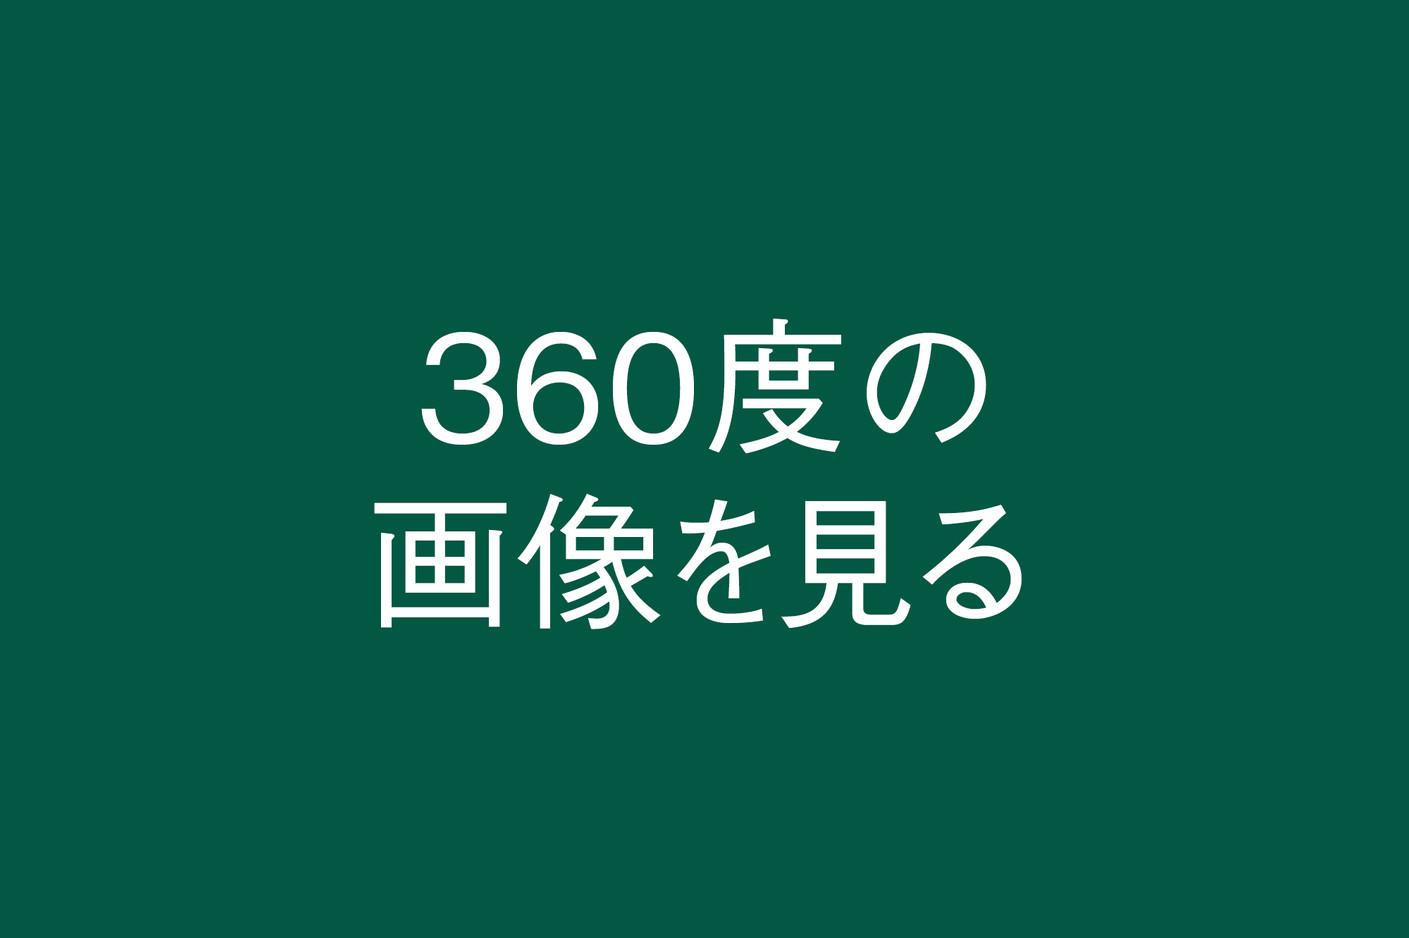 360度画像を見る.jpg